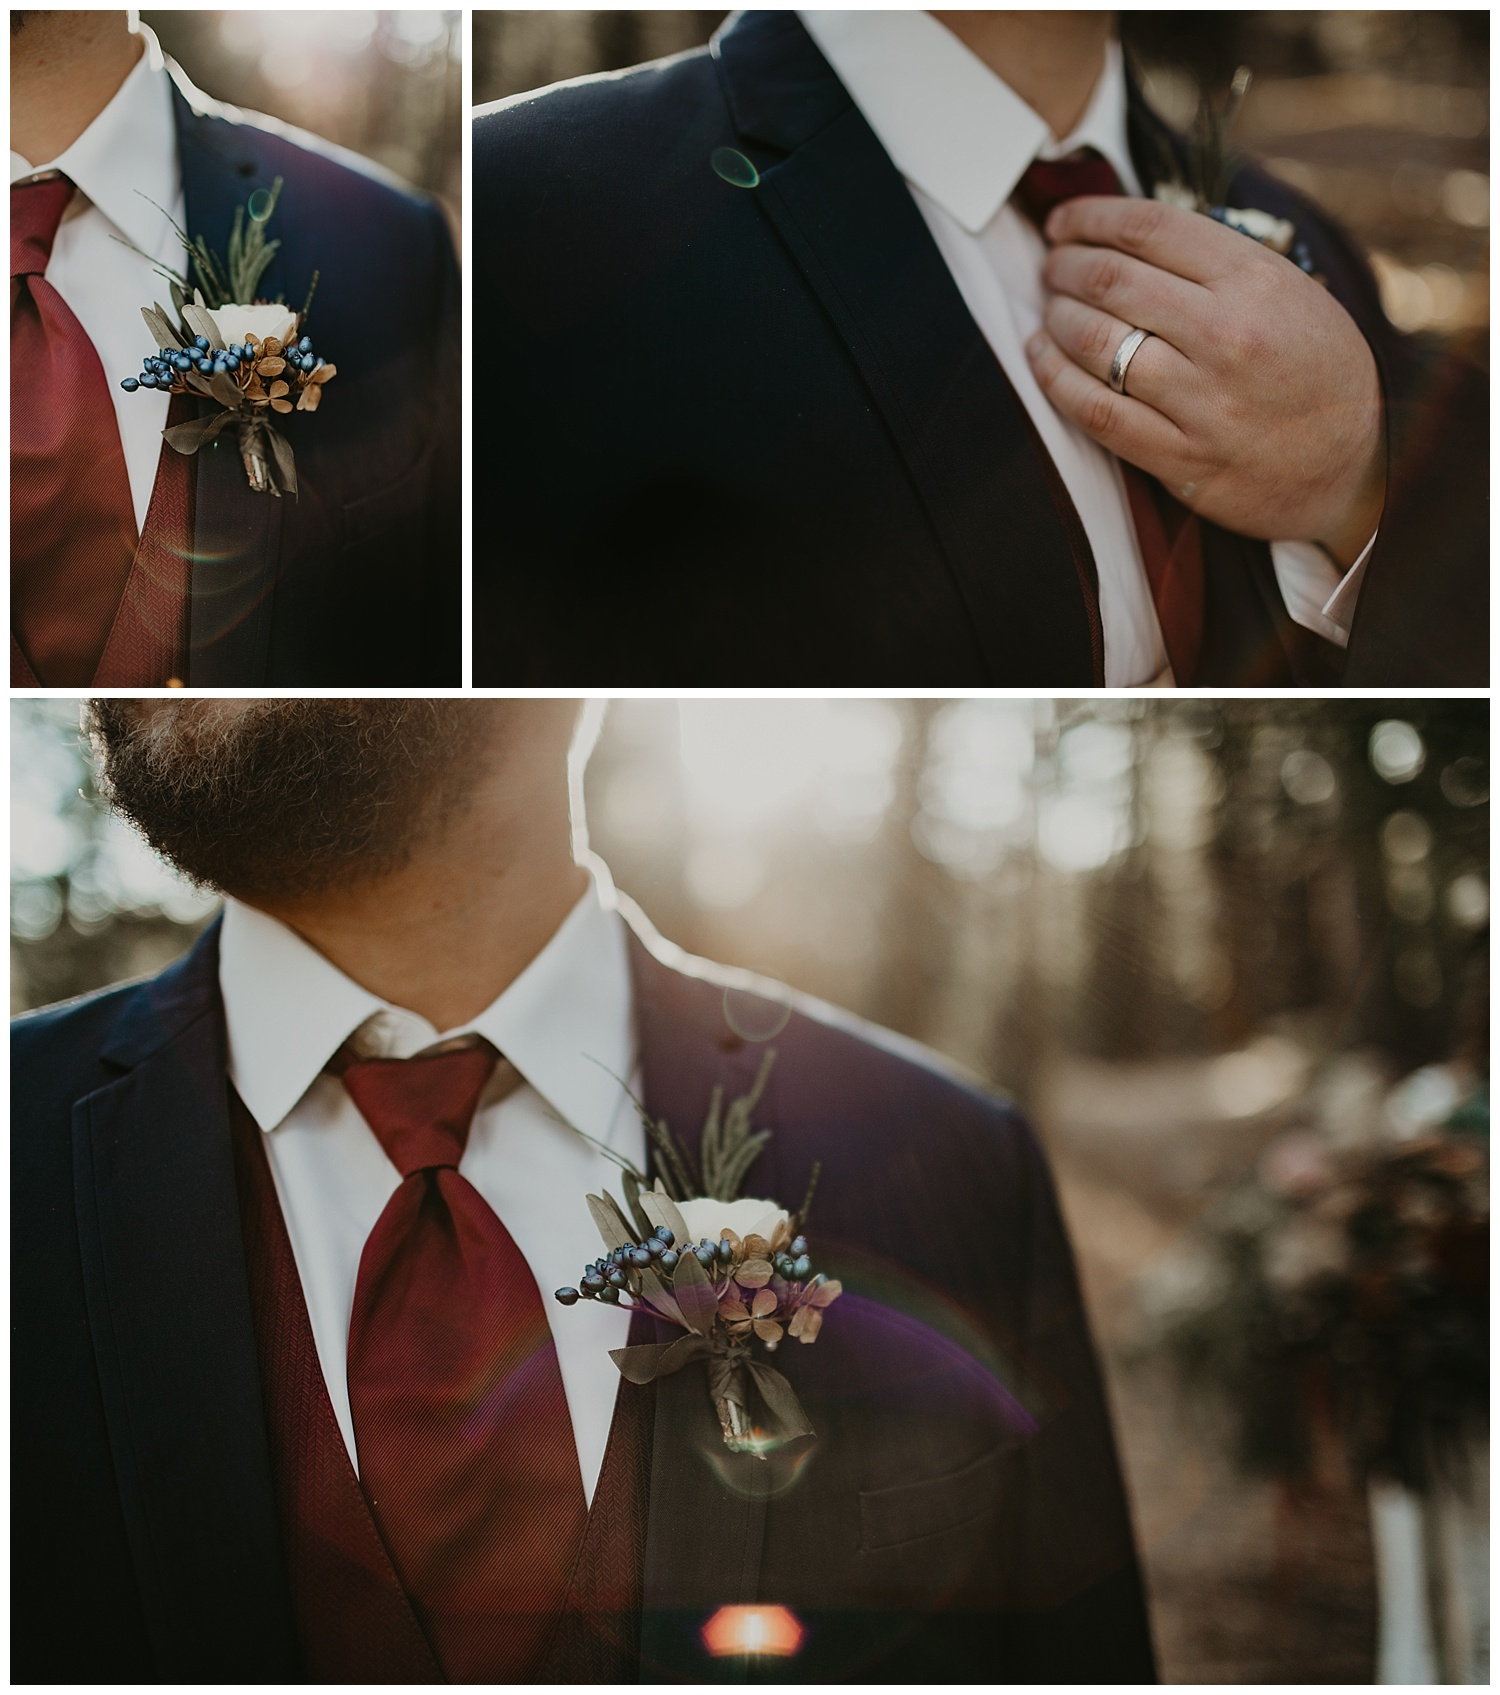 lake-tahoe-winter-wedding-groom-suit-red-tie.jpg